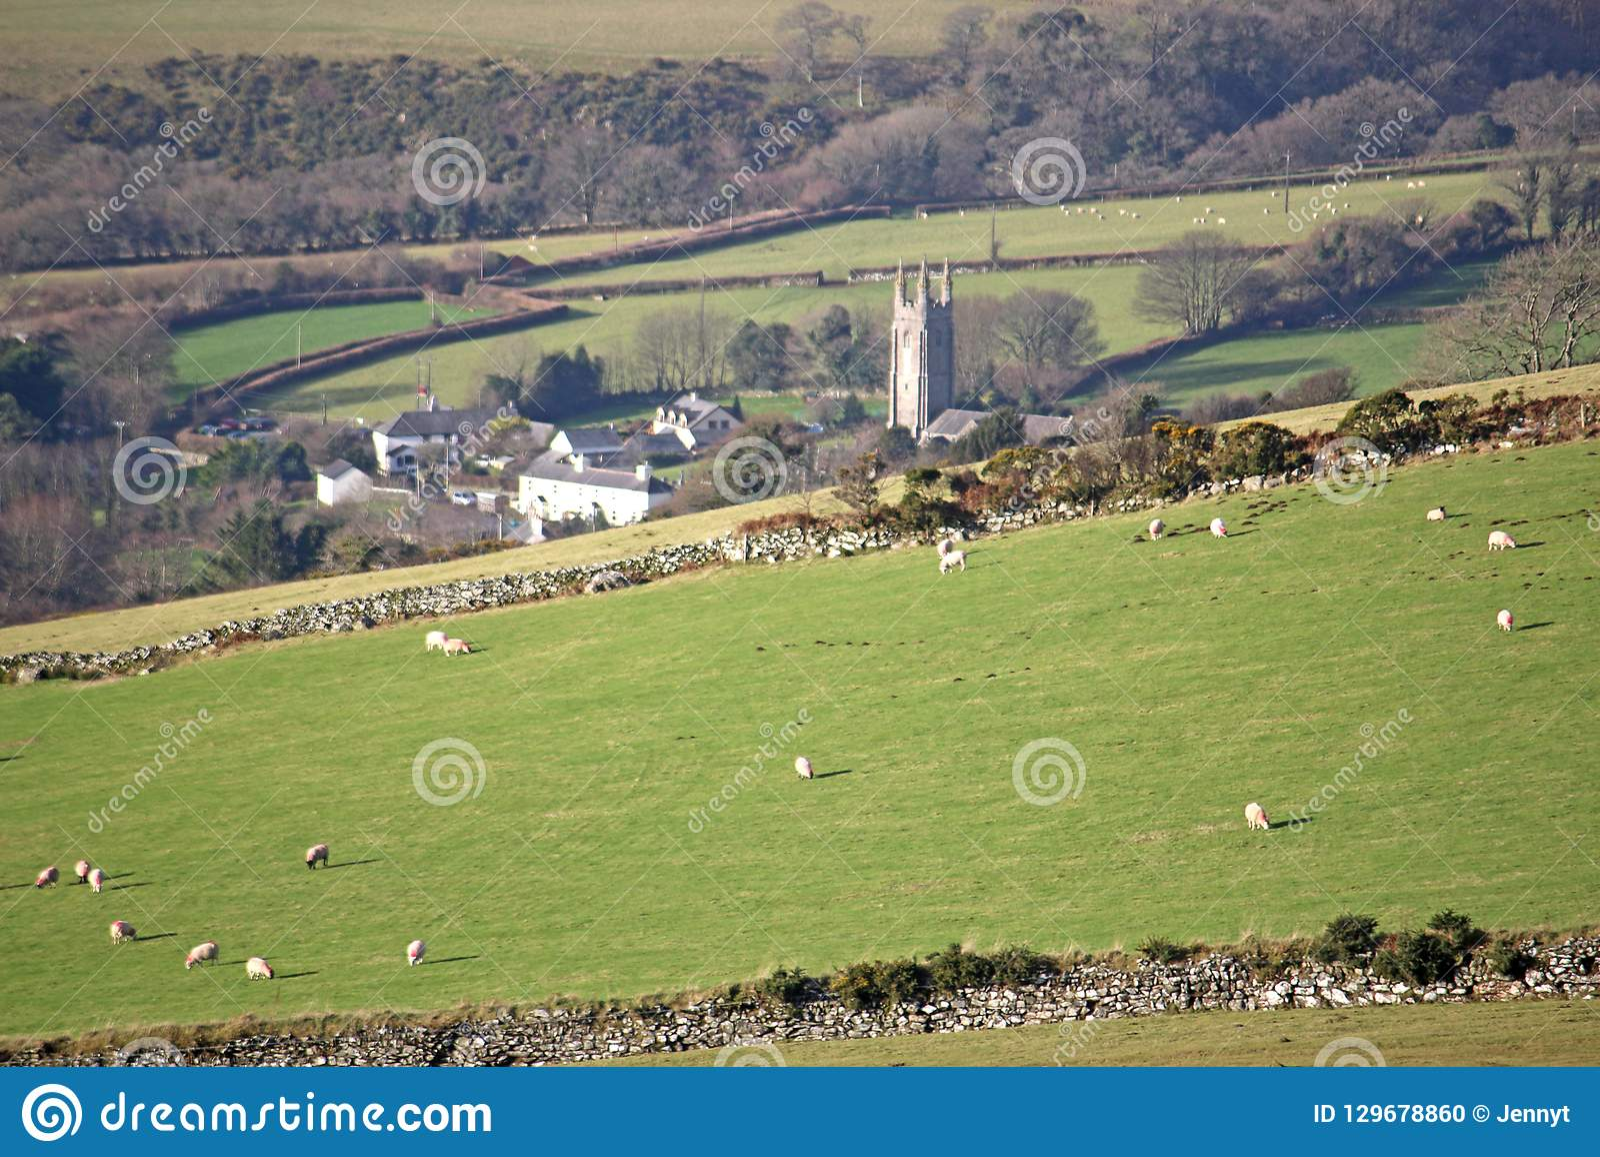 Peter Tavy, Dartmoor